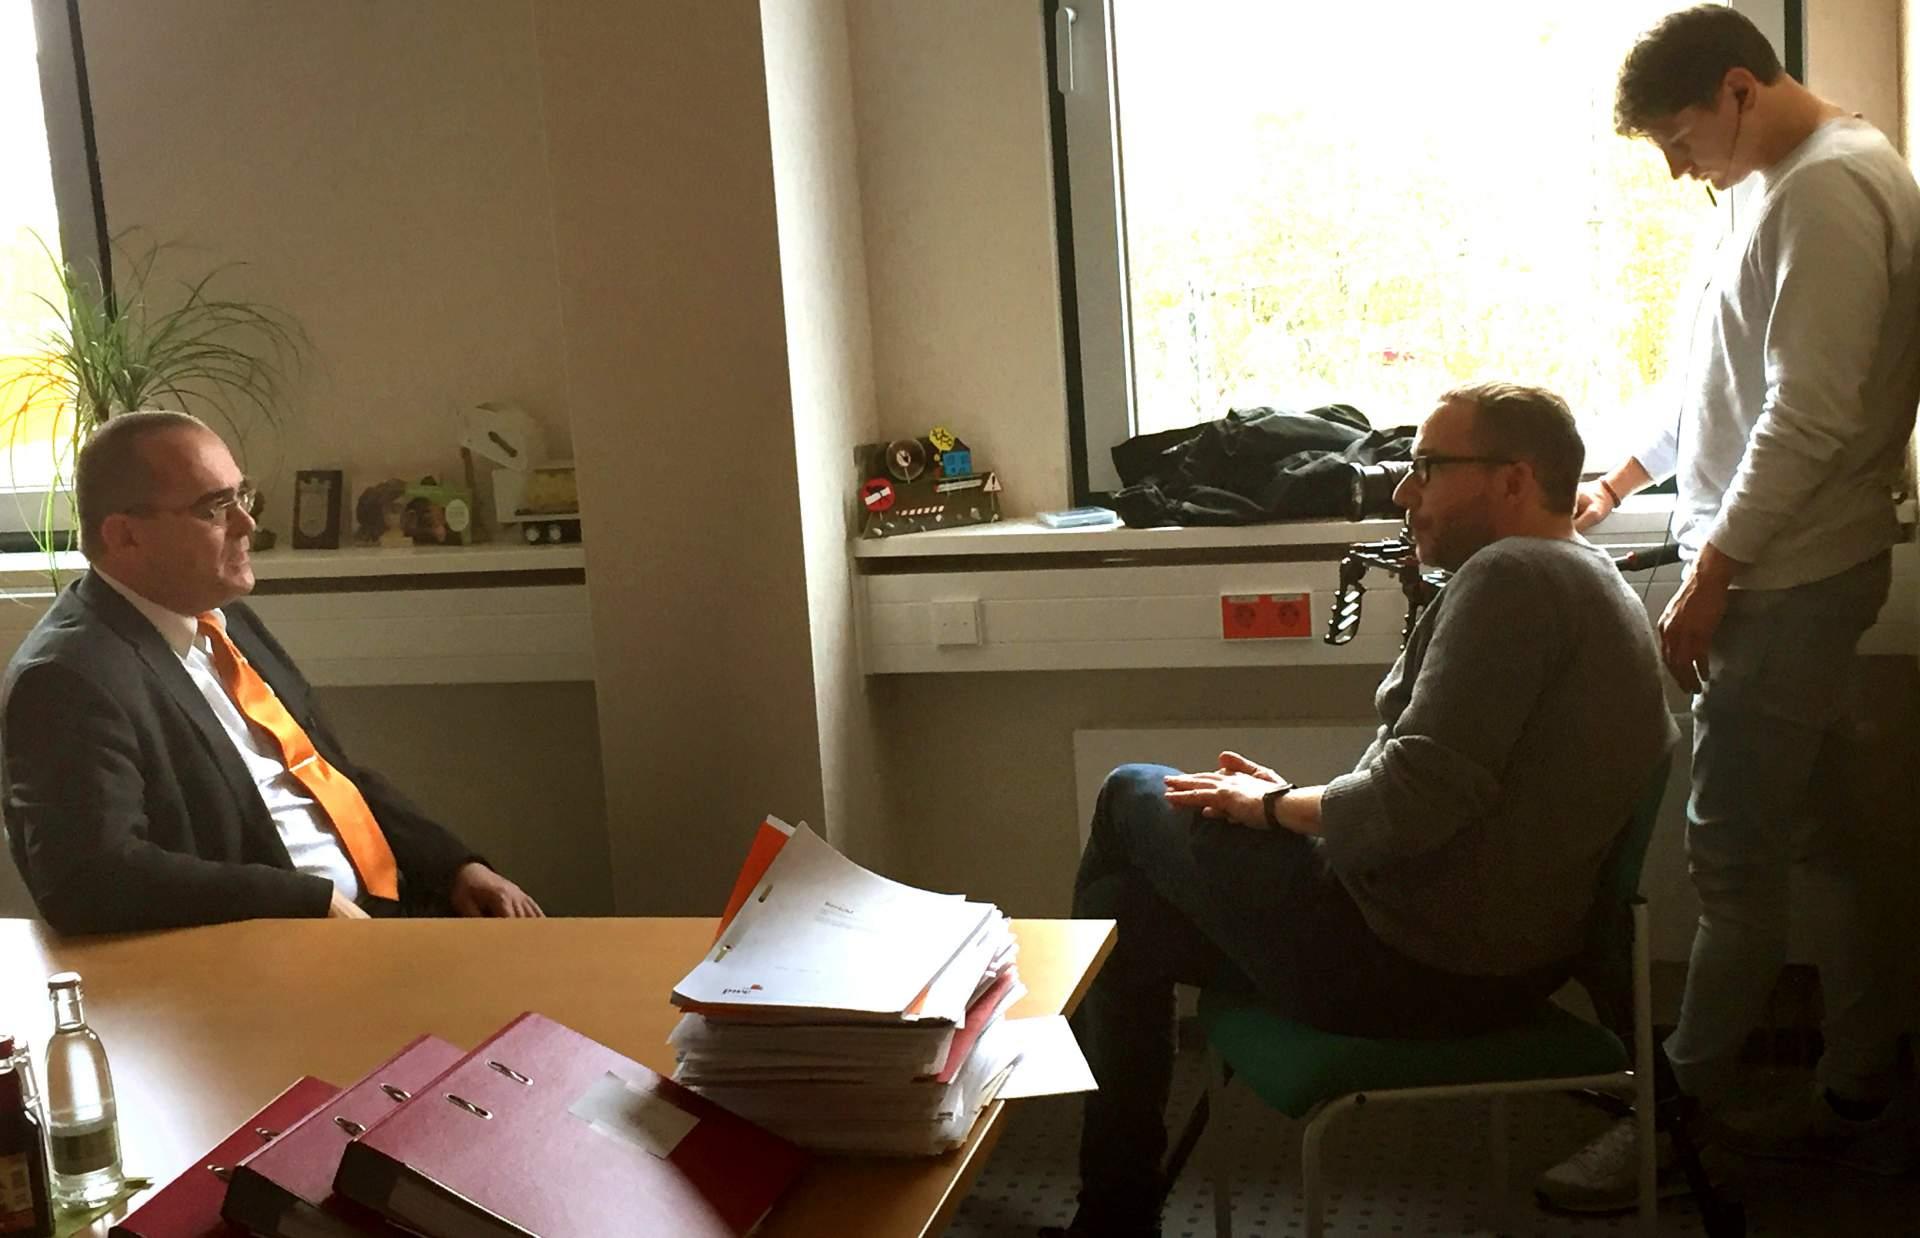 Uwe Feige im Gespräch mit einem MDR-Redakteur - Bildrechte MediaPool Jena 2018